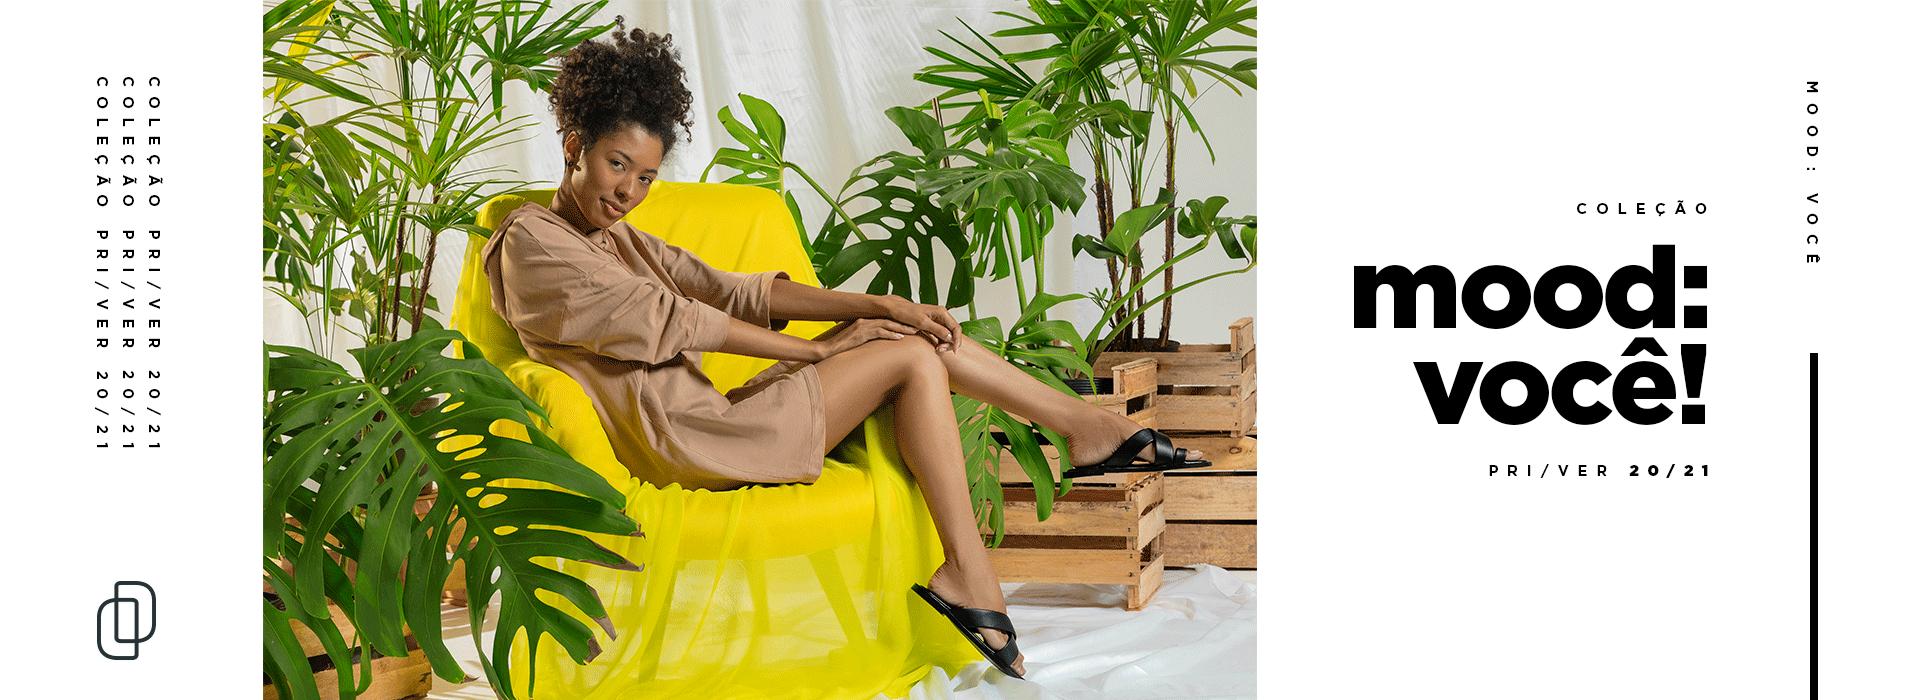 Novidades verão 2021 calçados femininos